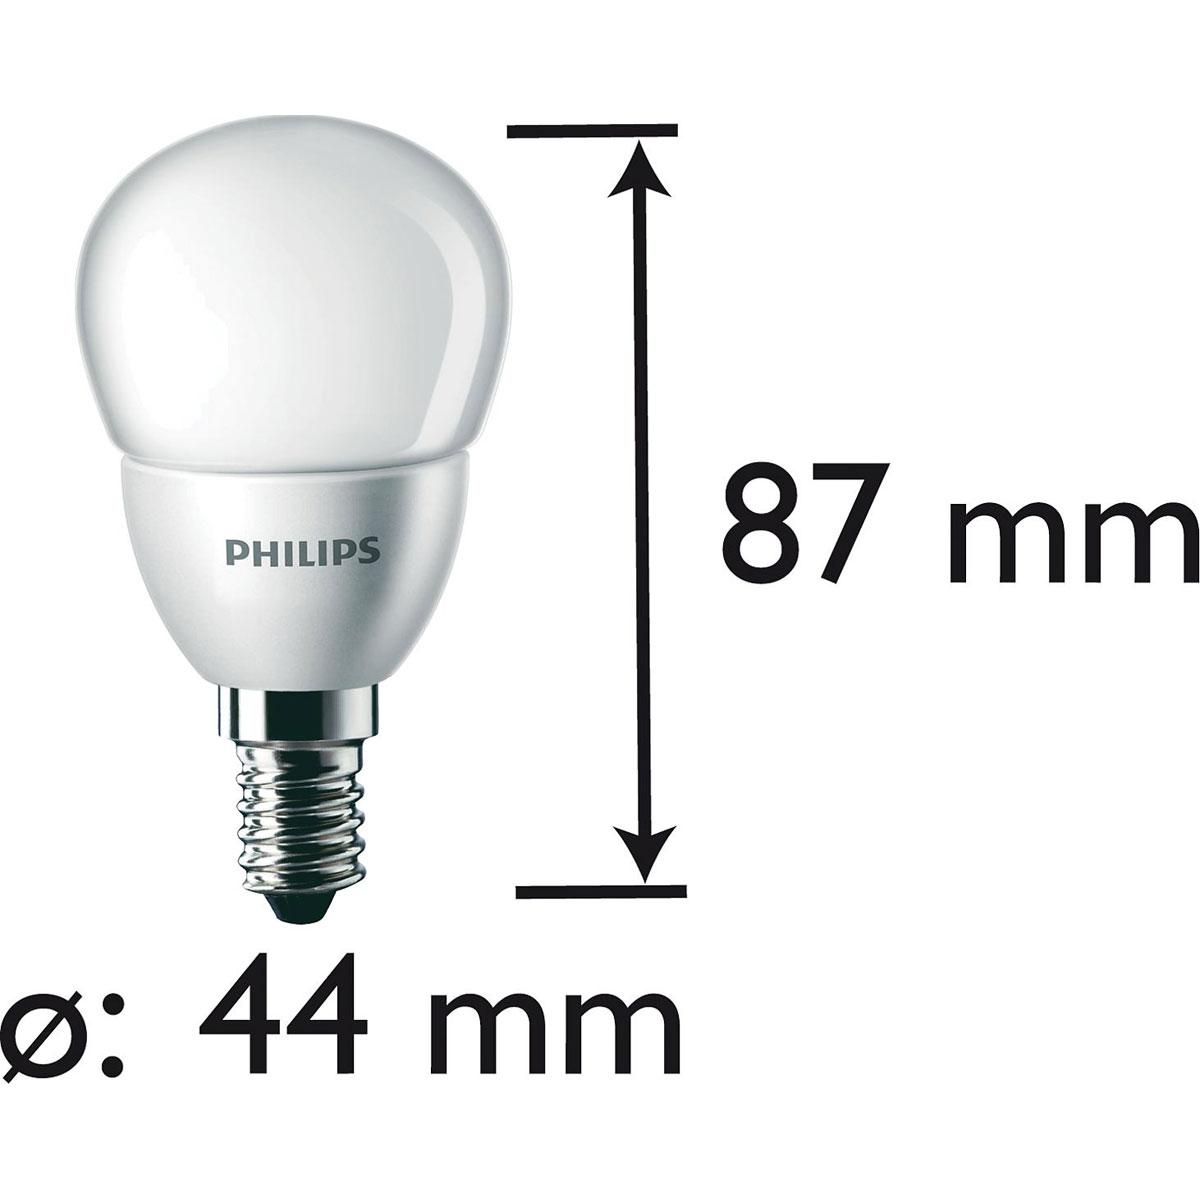 philips led lamp kogel mat 30w e14. Black Bedroom Furniture Sets. Home Design Ideas